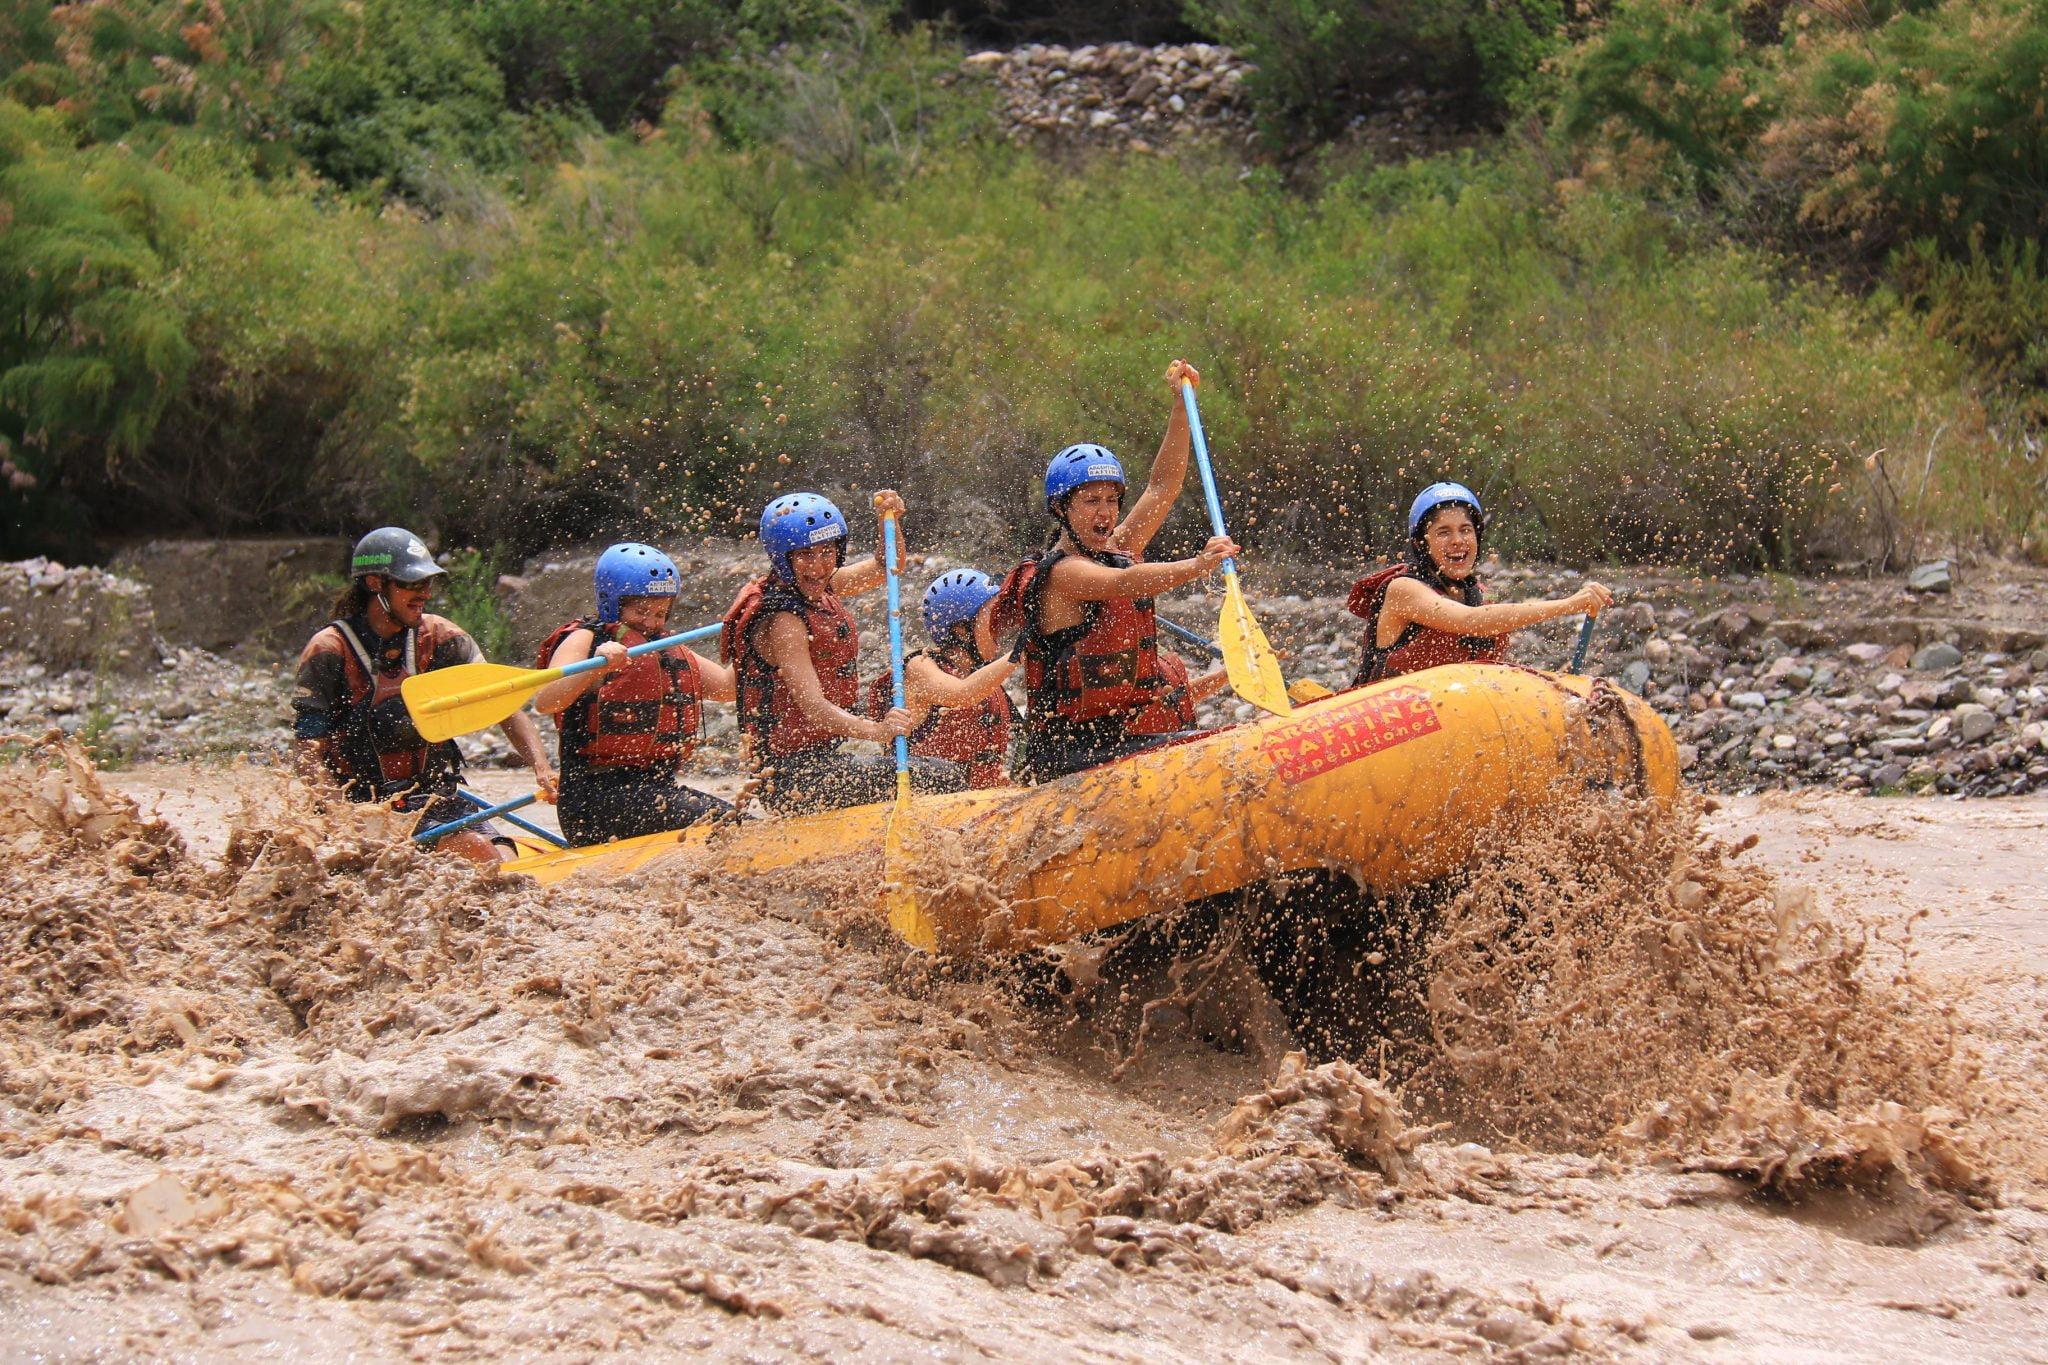 gente haciendo rafting